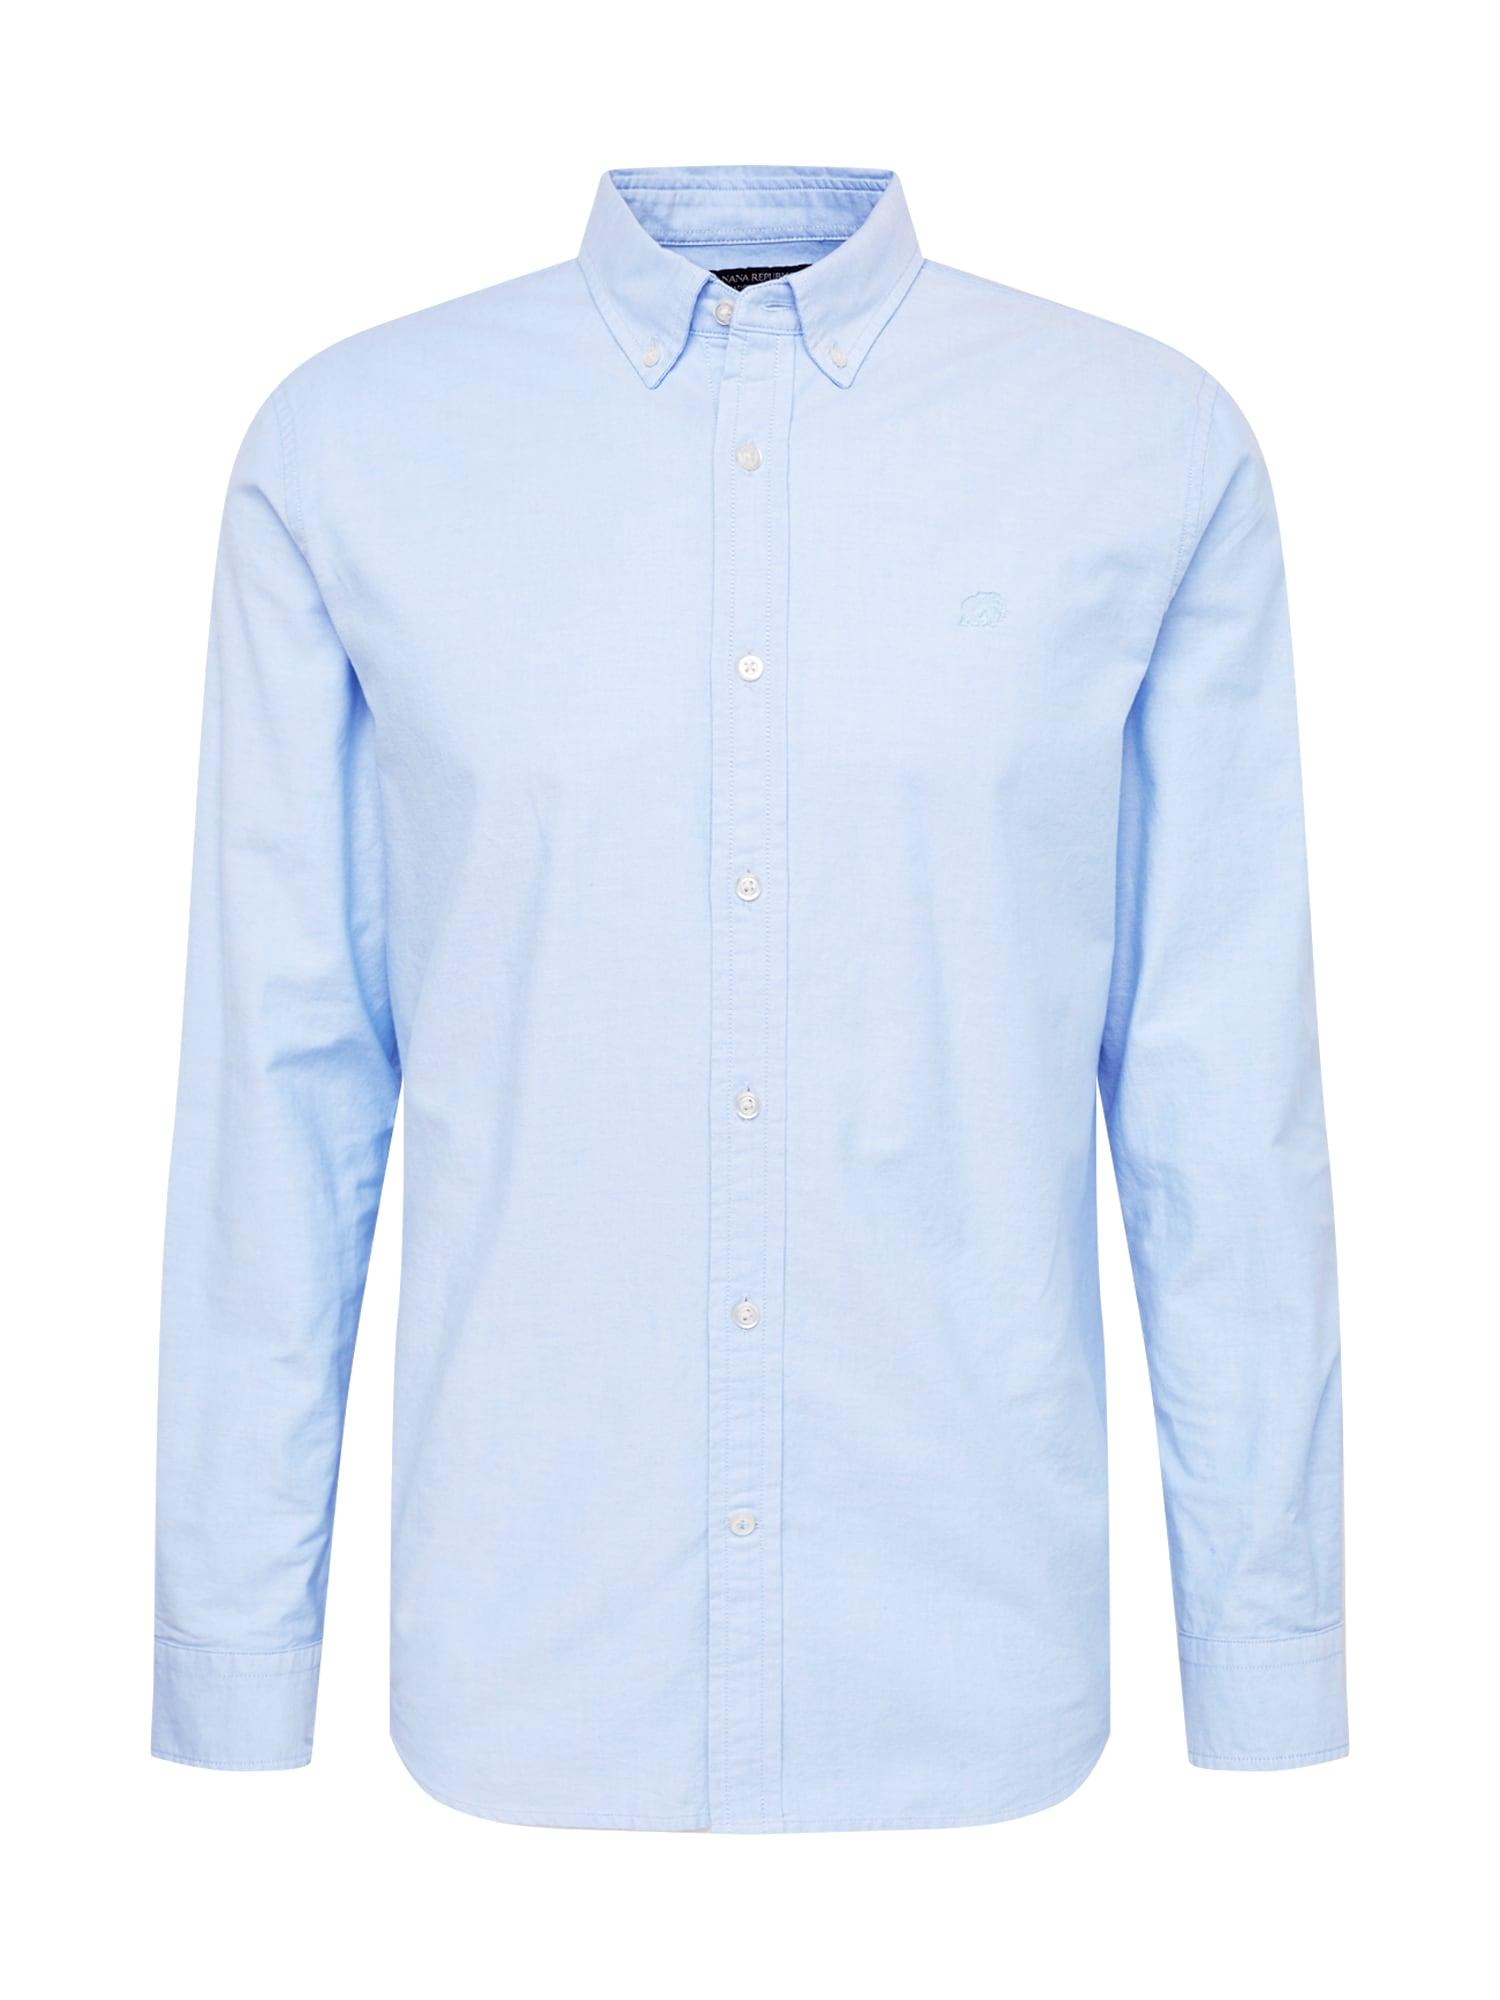 Banana Republic Dalykiniai marškiniai šviesiai mėlyna